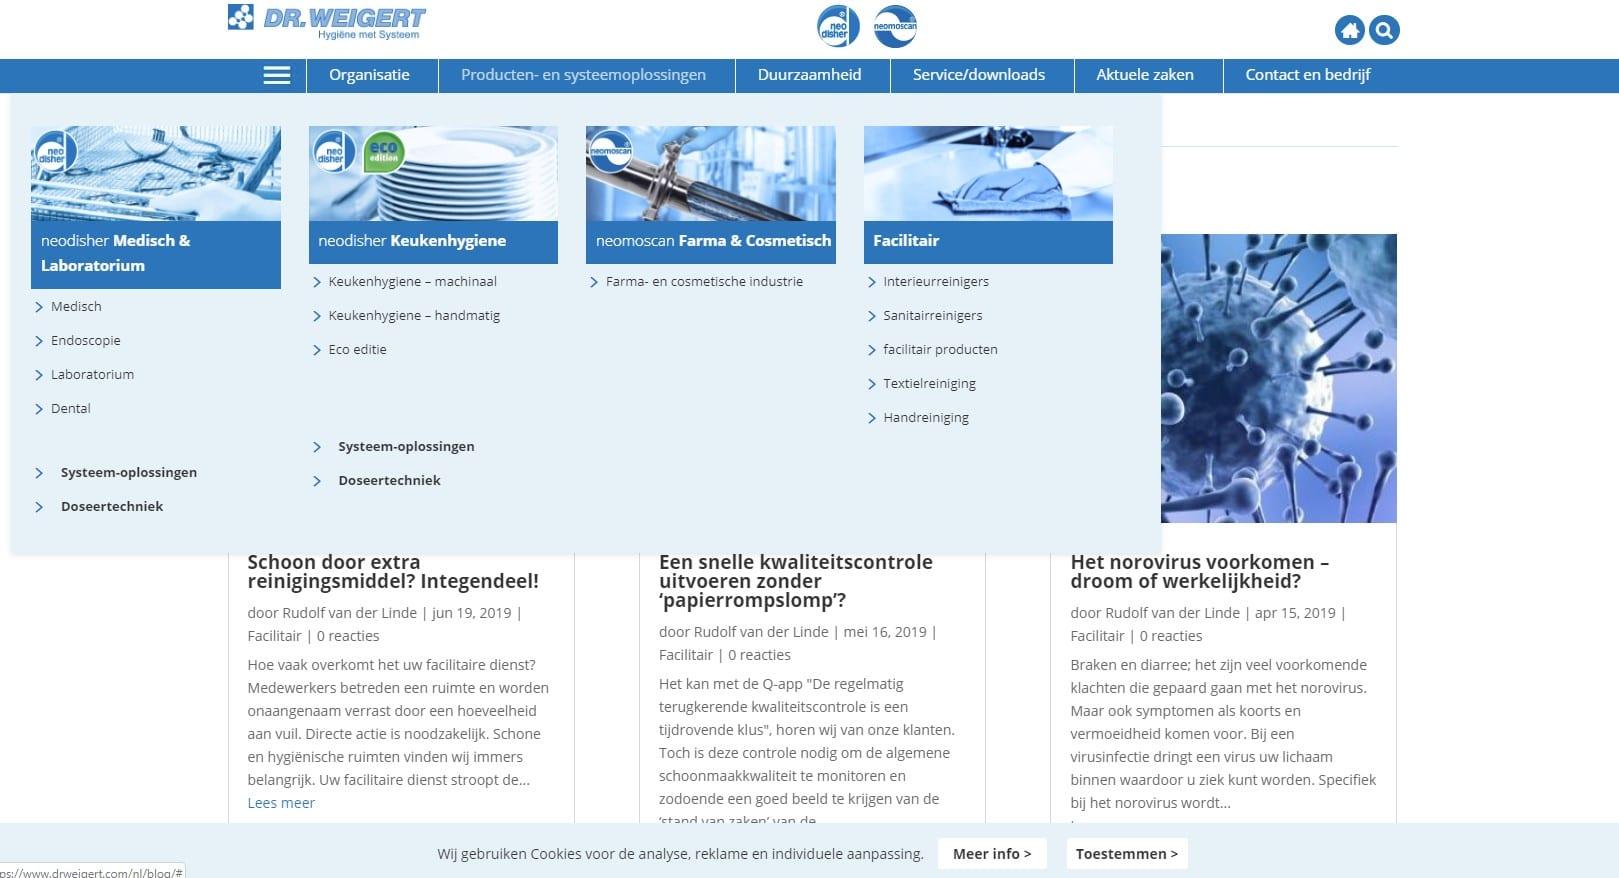 Dr. Weigert - blogsite voor bedrijf met hygiënische oplossingen